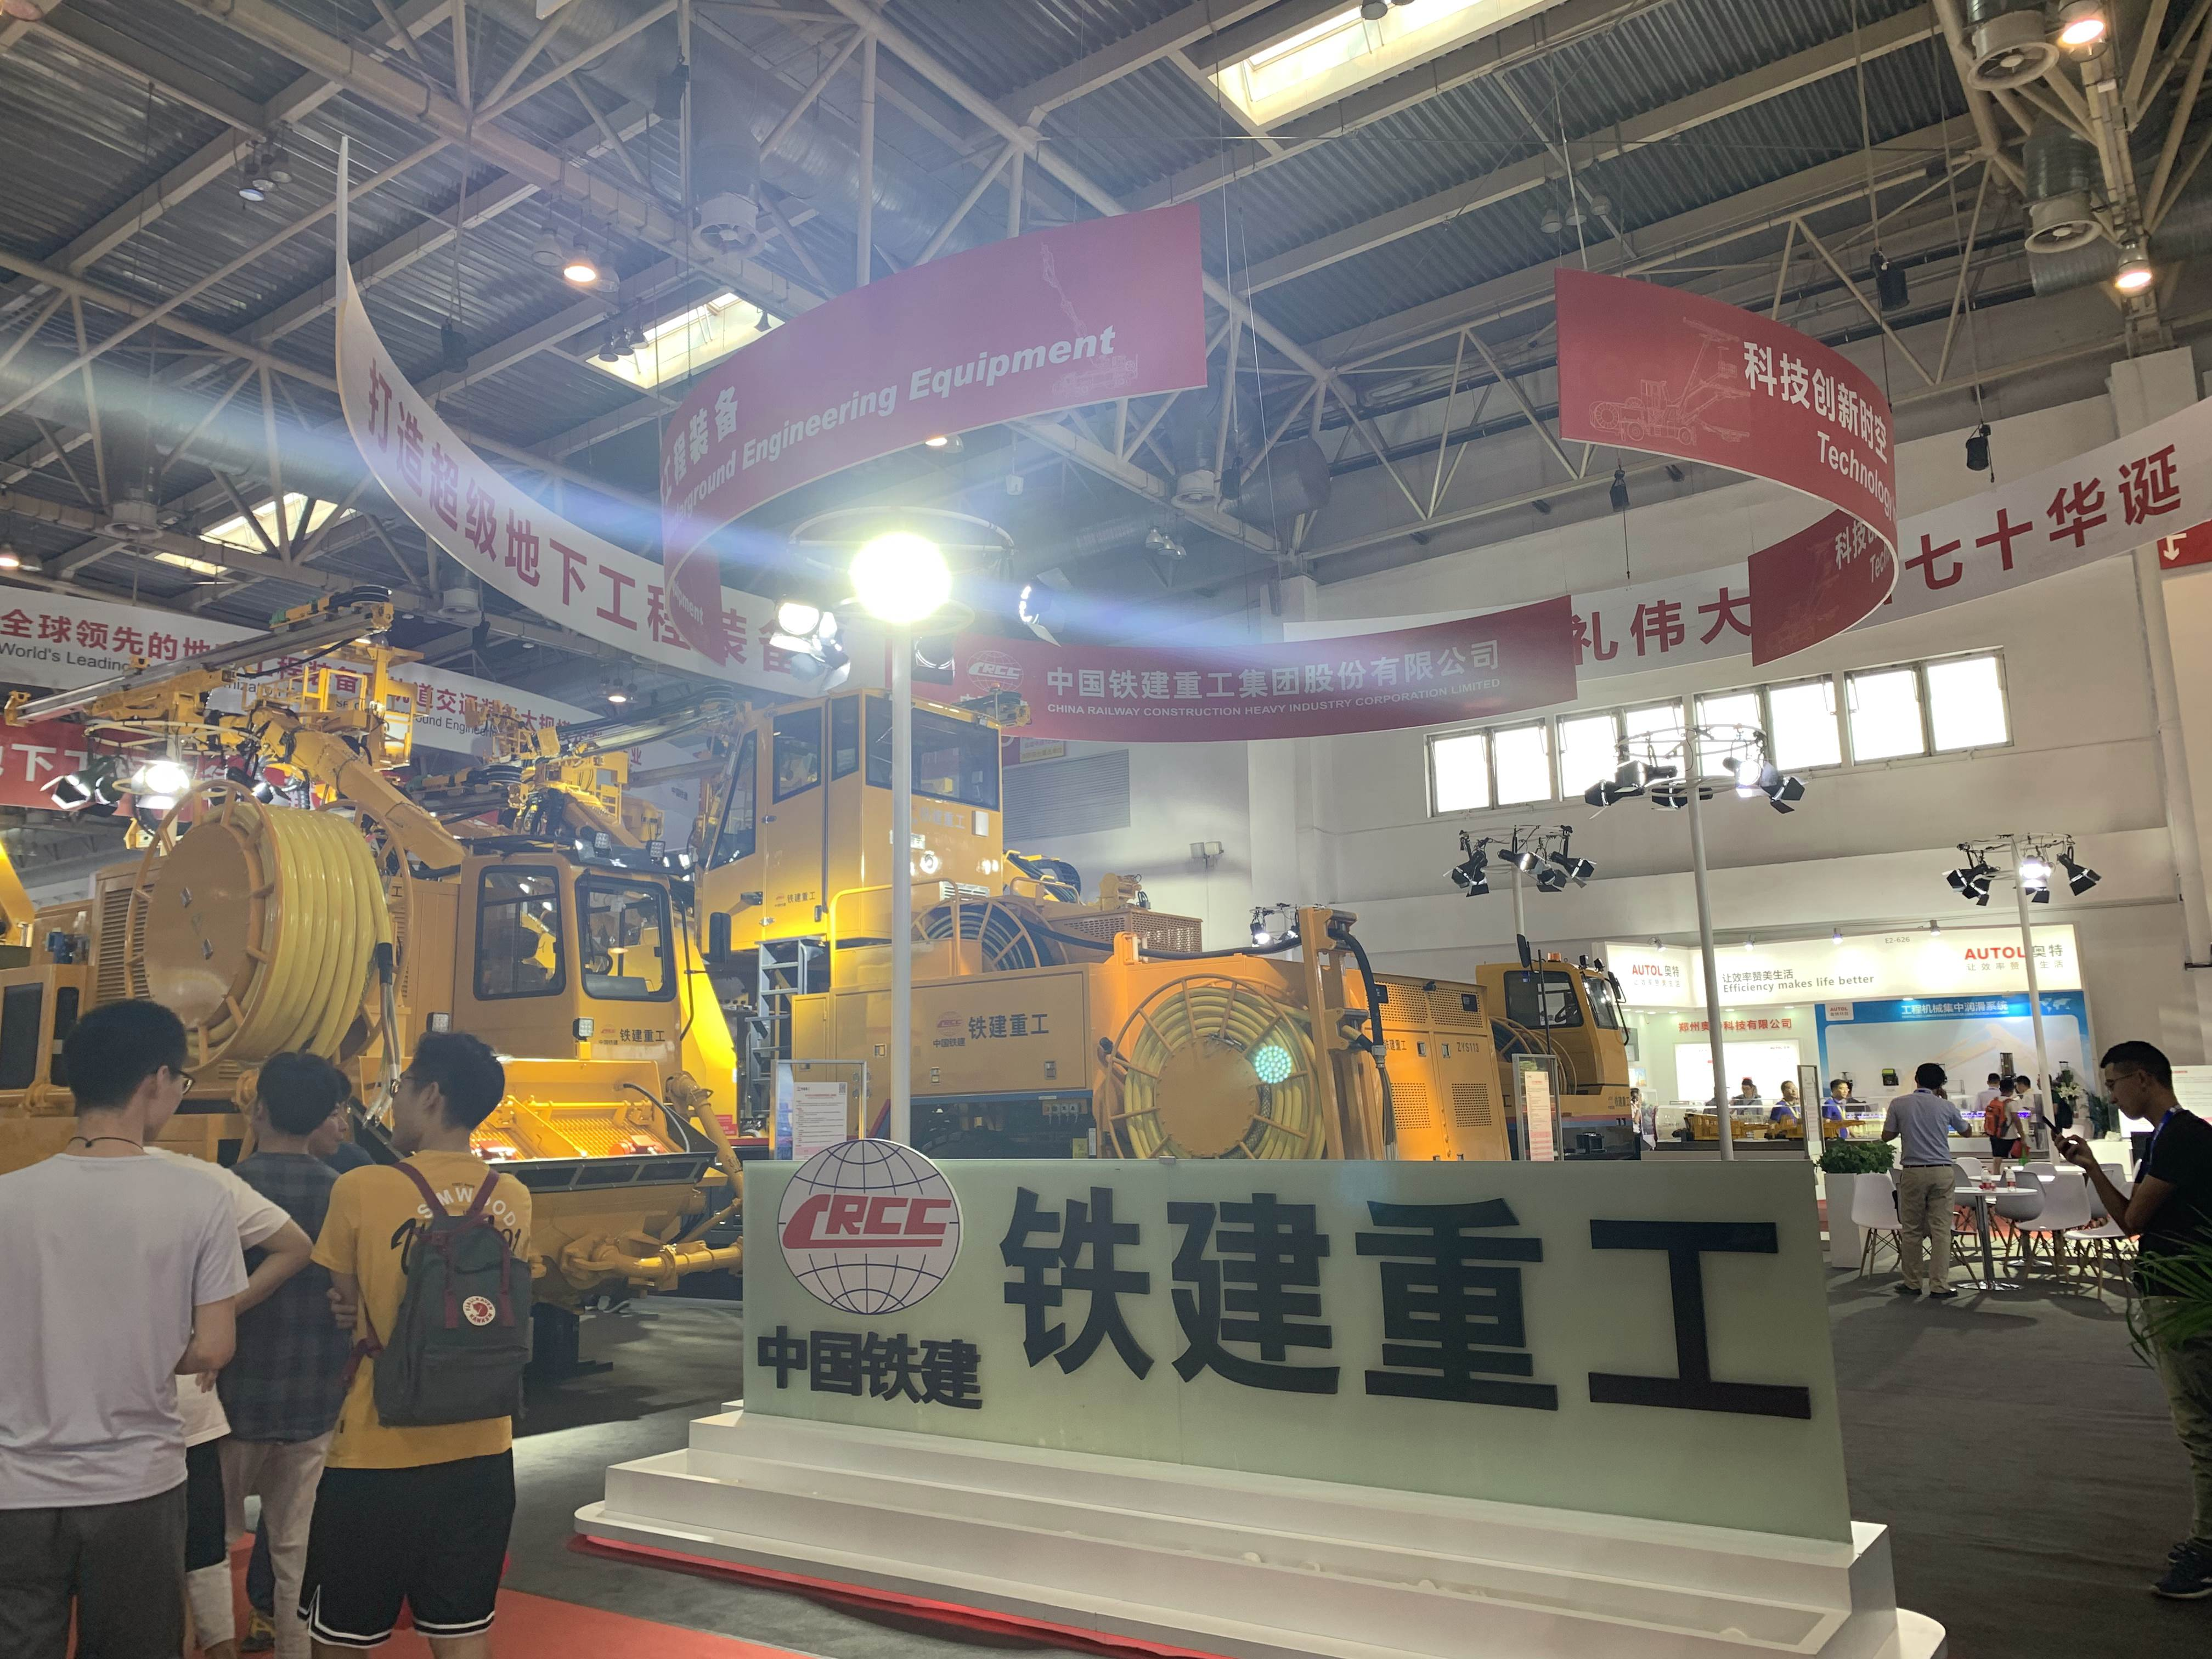 第15届BICES2019北京展展位风采:中国铁建重工集团有限公司